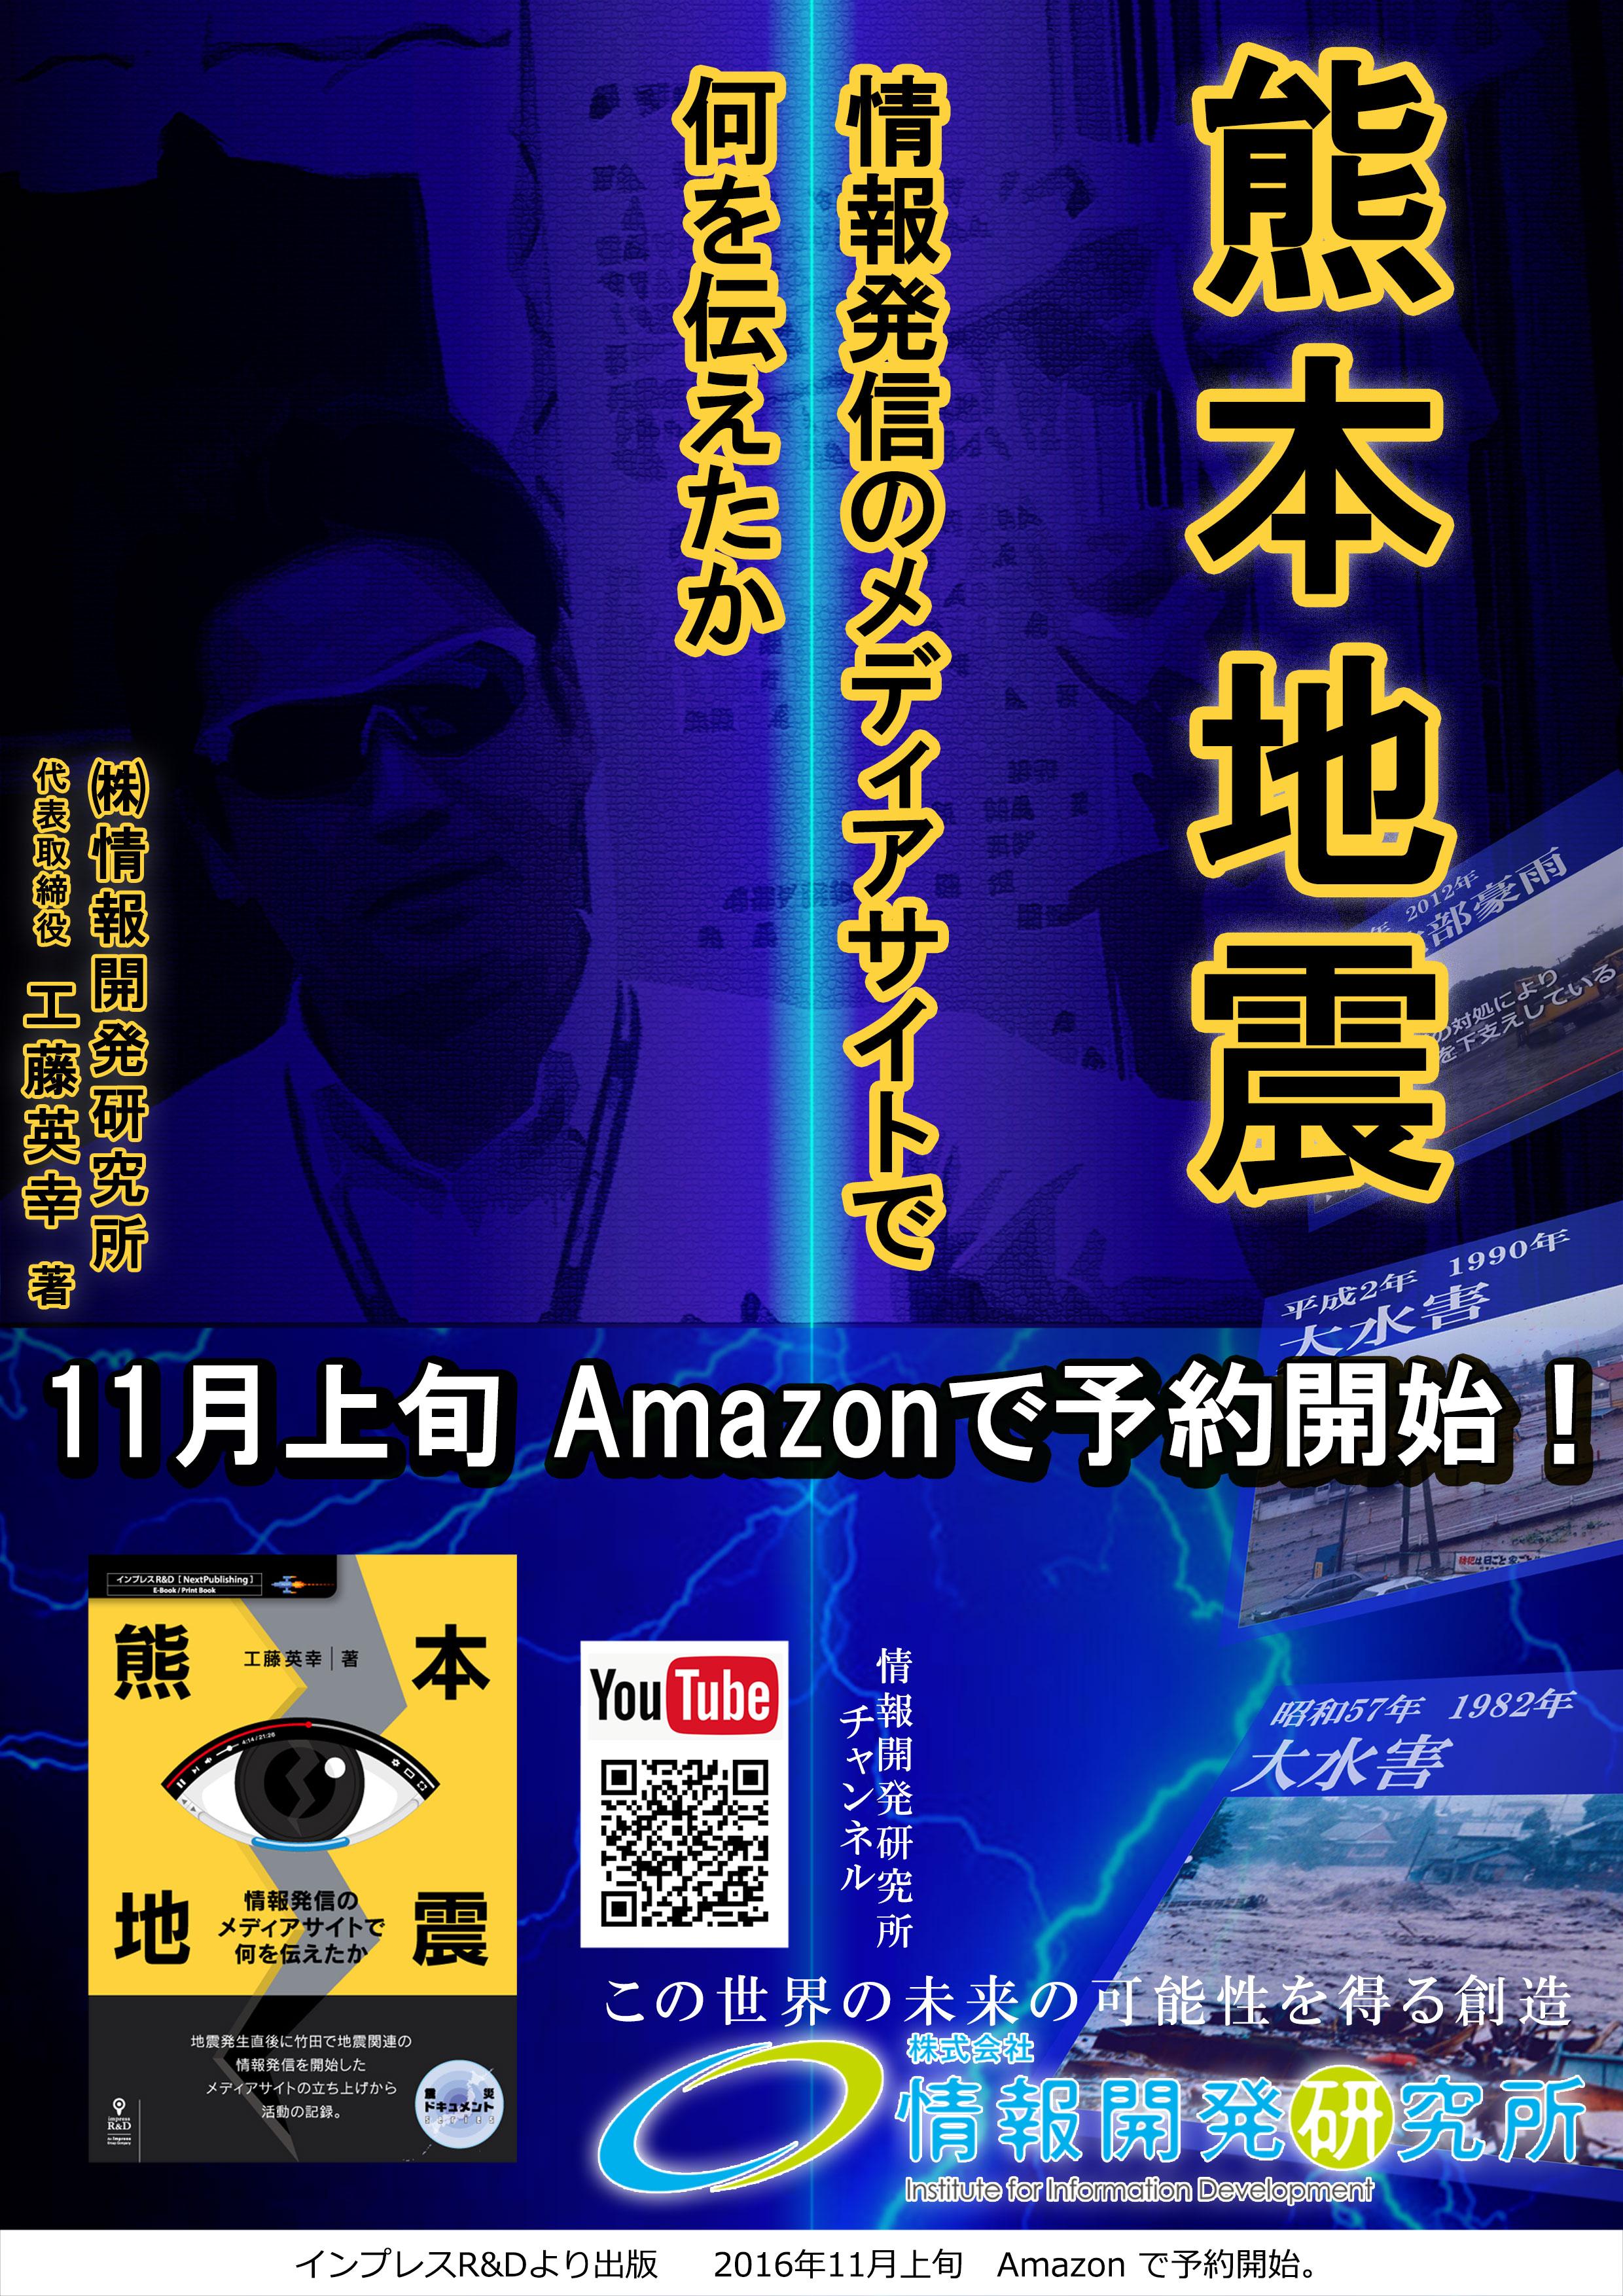 熊本地震 情報発信のメディアサイトで何を伝えたか チラシ